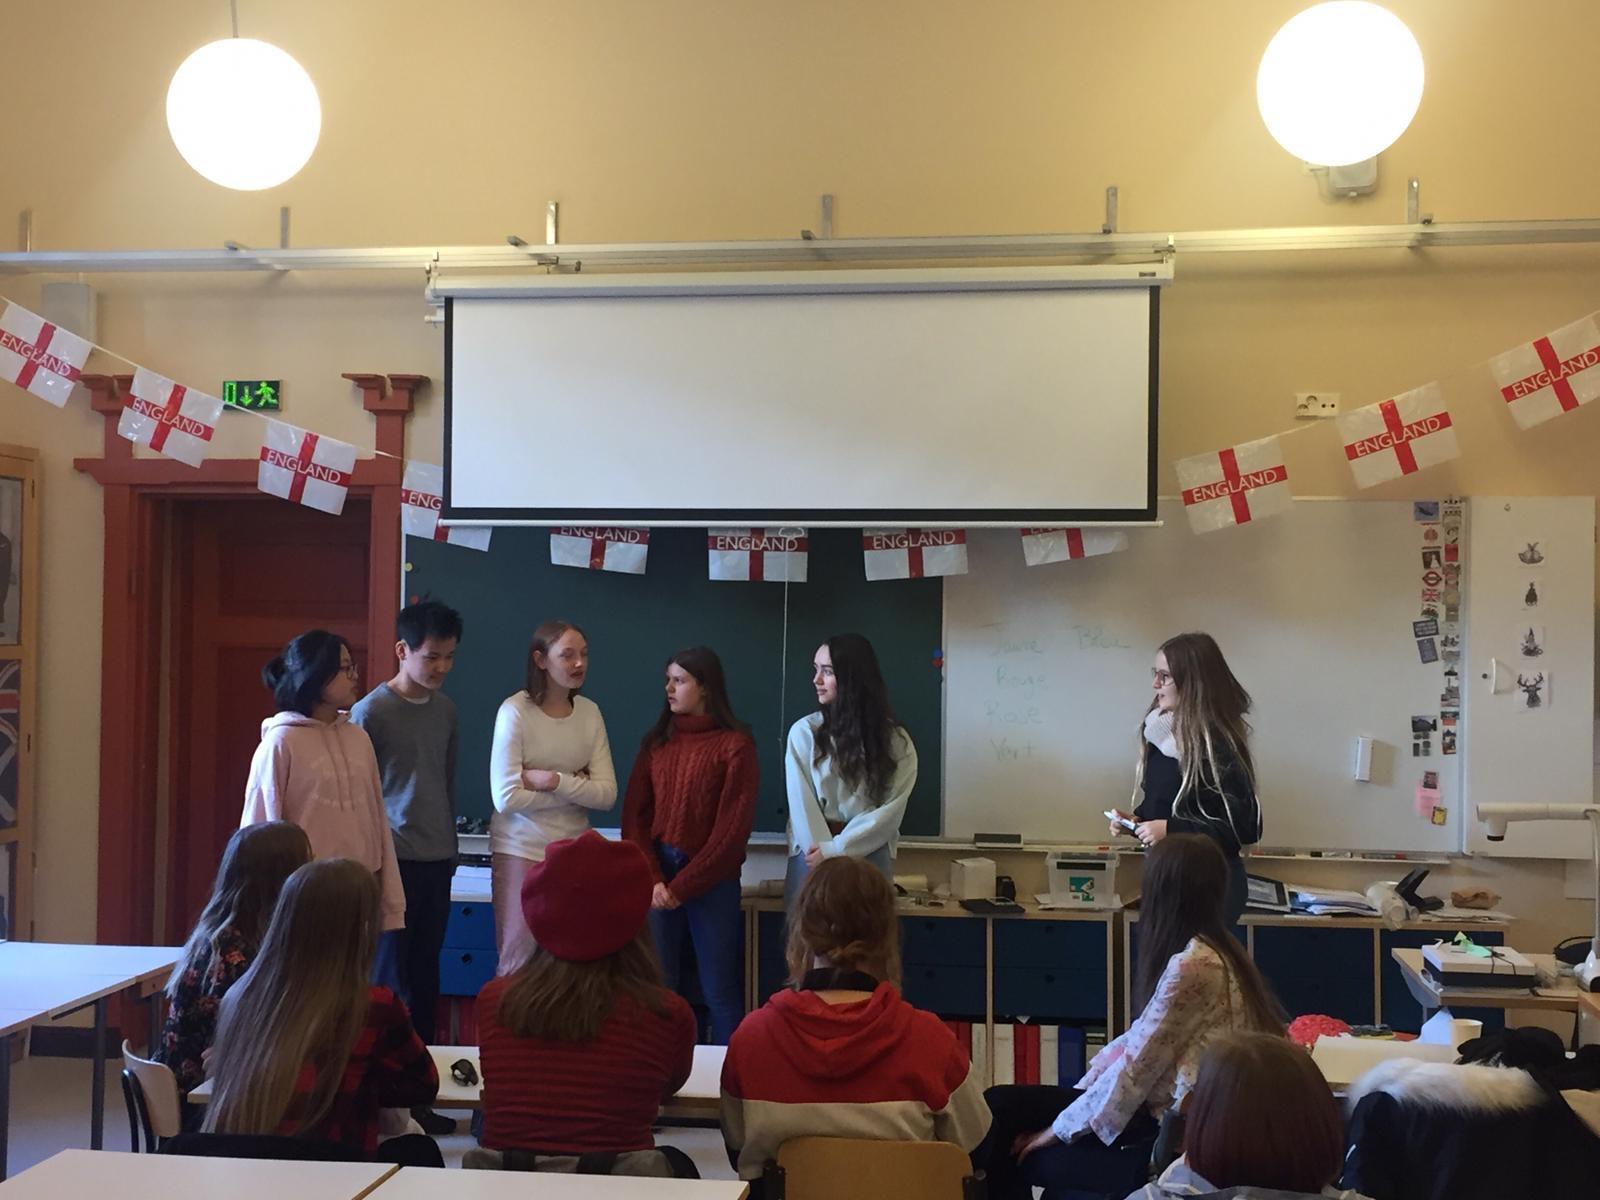 Nos élèves donnent un cours de français aux finlandais